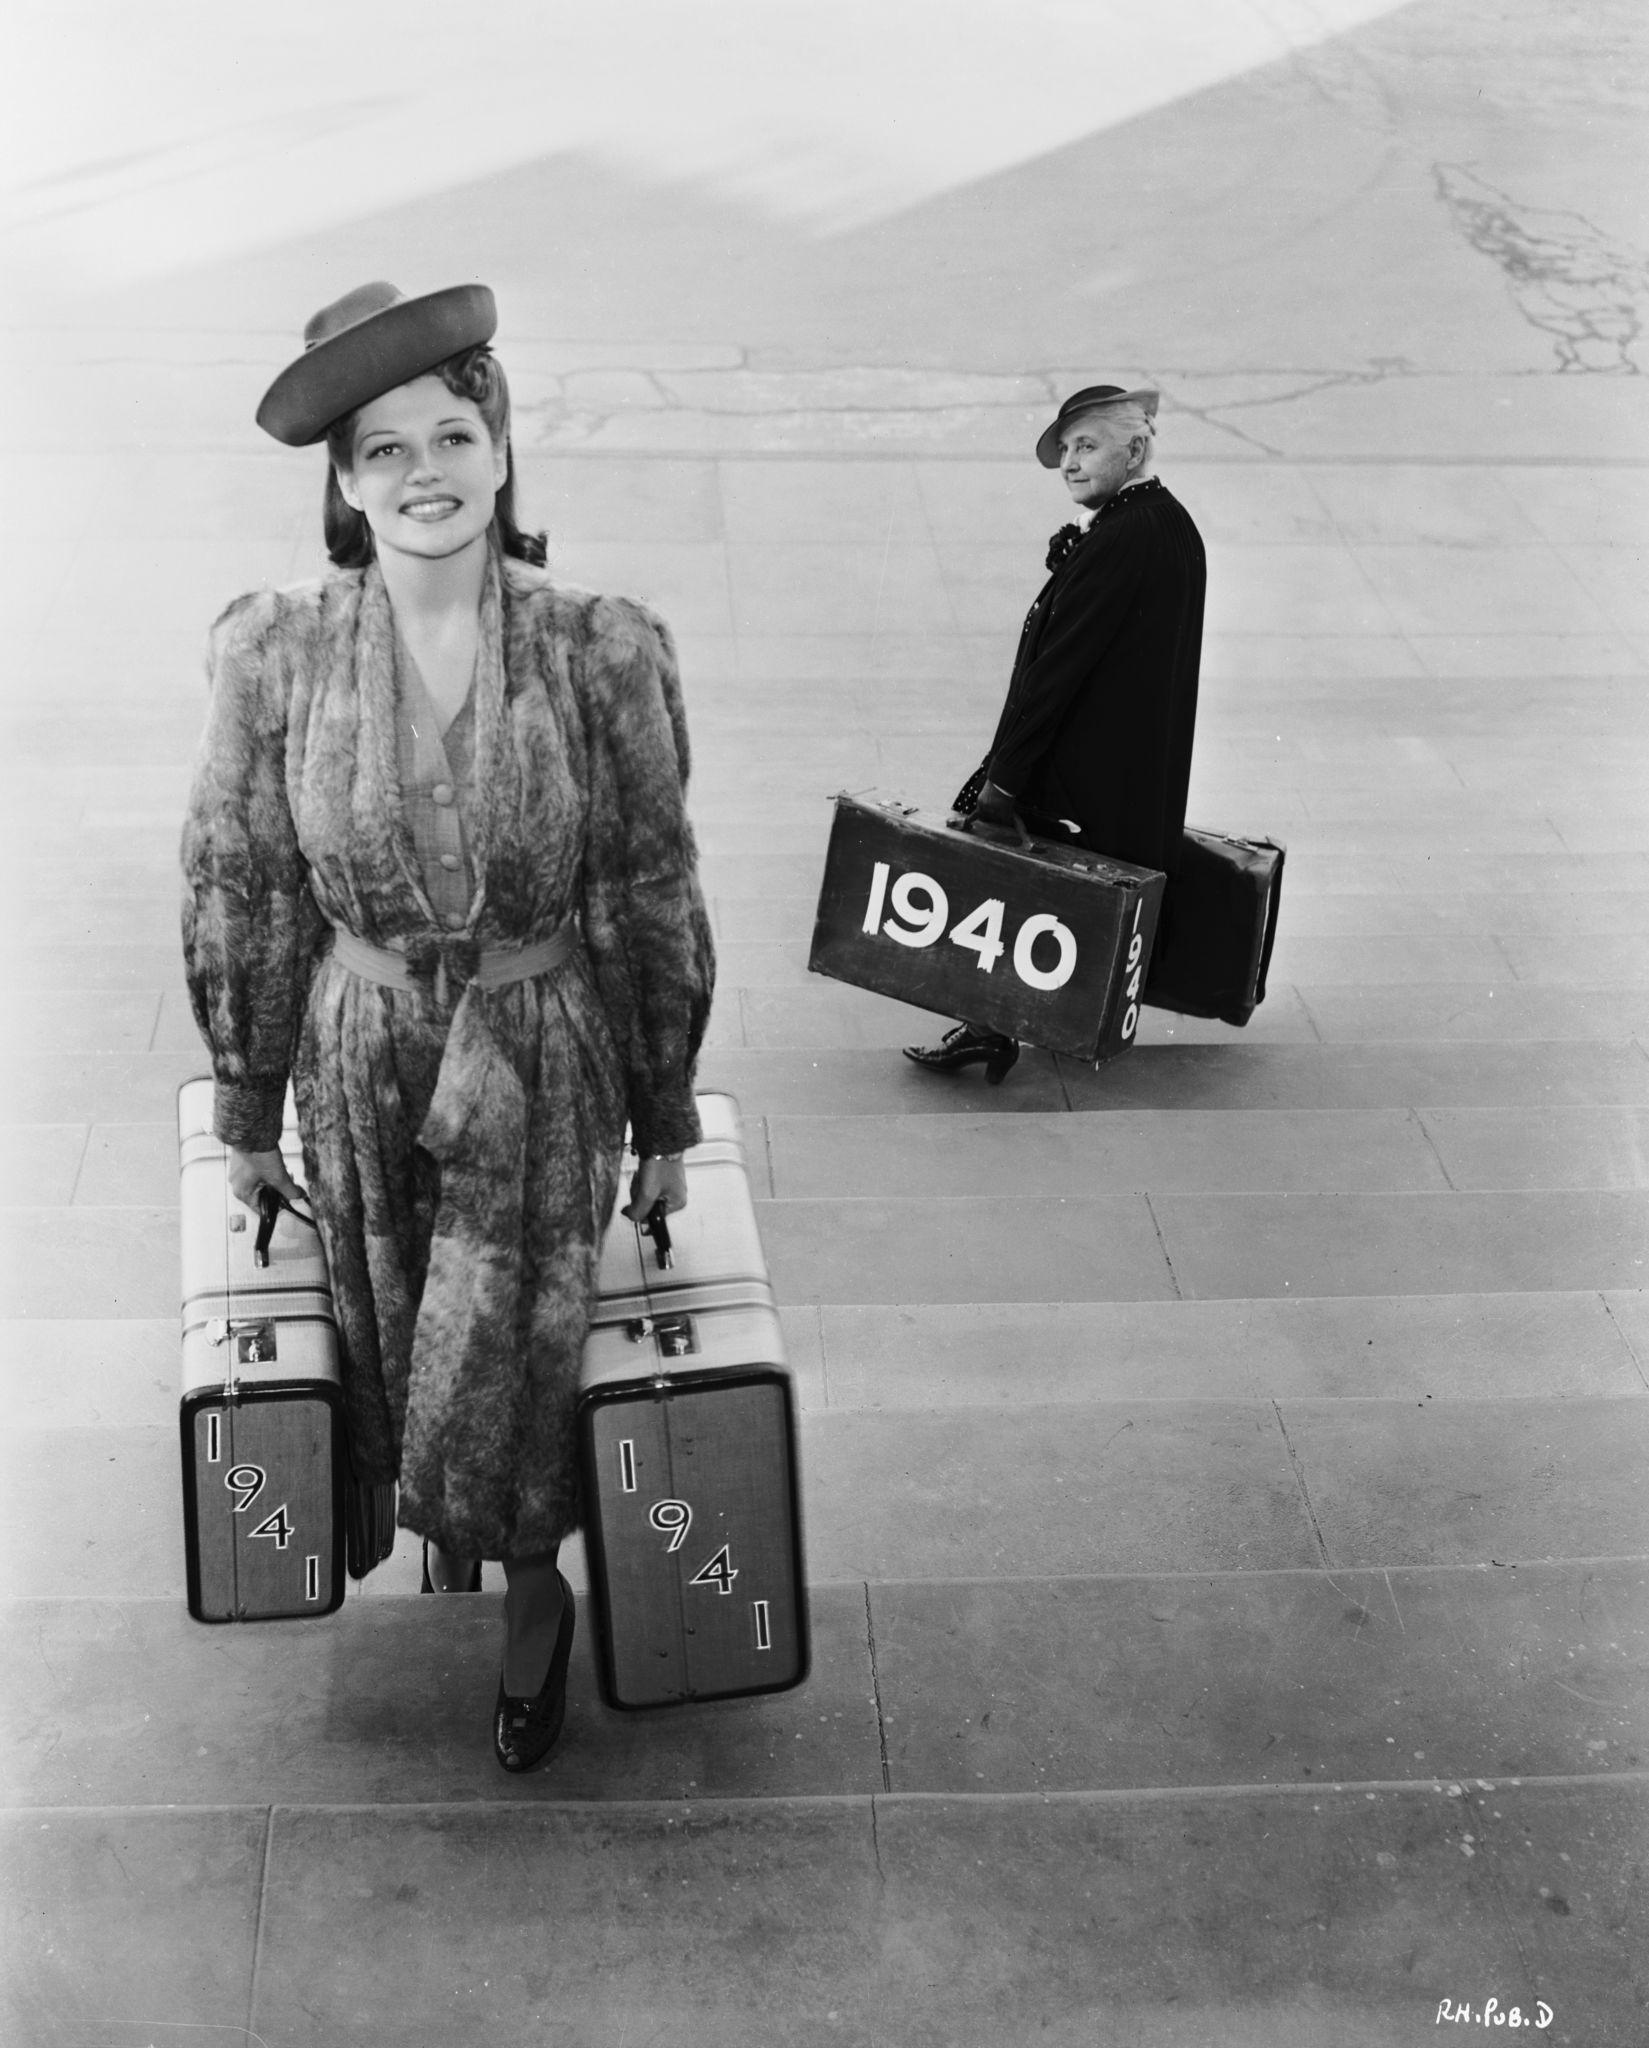 1941. Молодая Рита Хейворт, символизирующая Новый Год проходит мимо писателя Квентина Криспа в образе уходящего Старого года.jpg